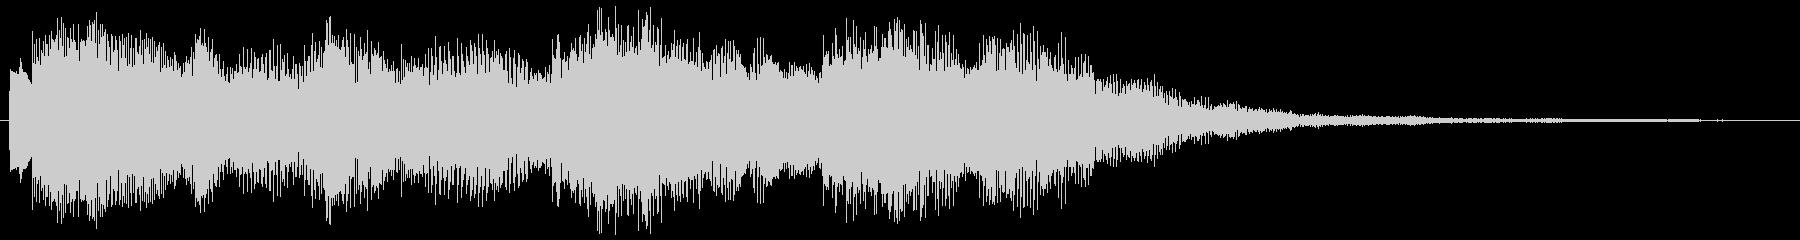 煌びやかな音 チャララン サウンドロゴの未再生の波形